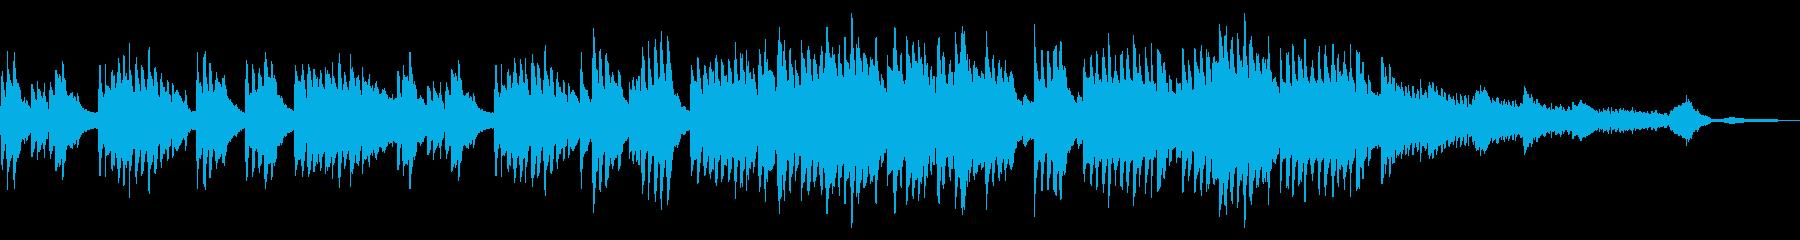 美しいピアノの旋律の再生済みの波形